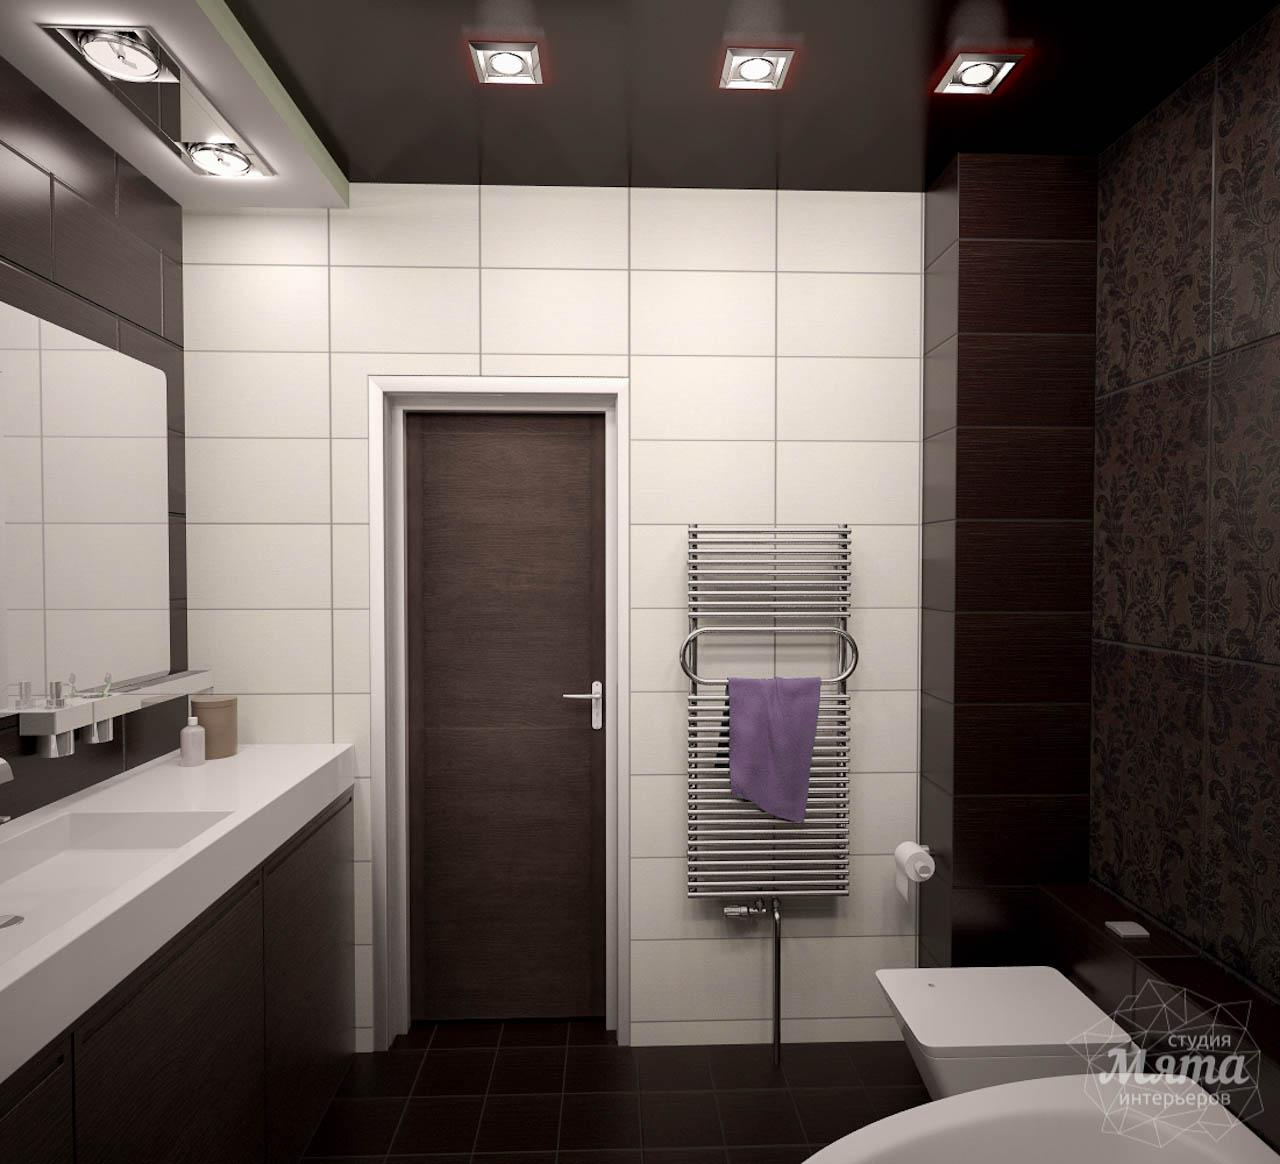 Дизайн интерьера однокомнатной квартиры по ул. Посадская 34 img1043244012